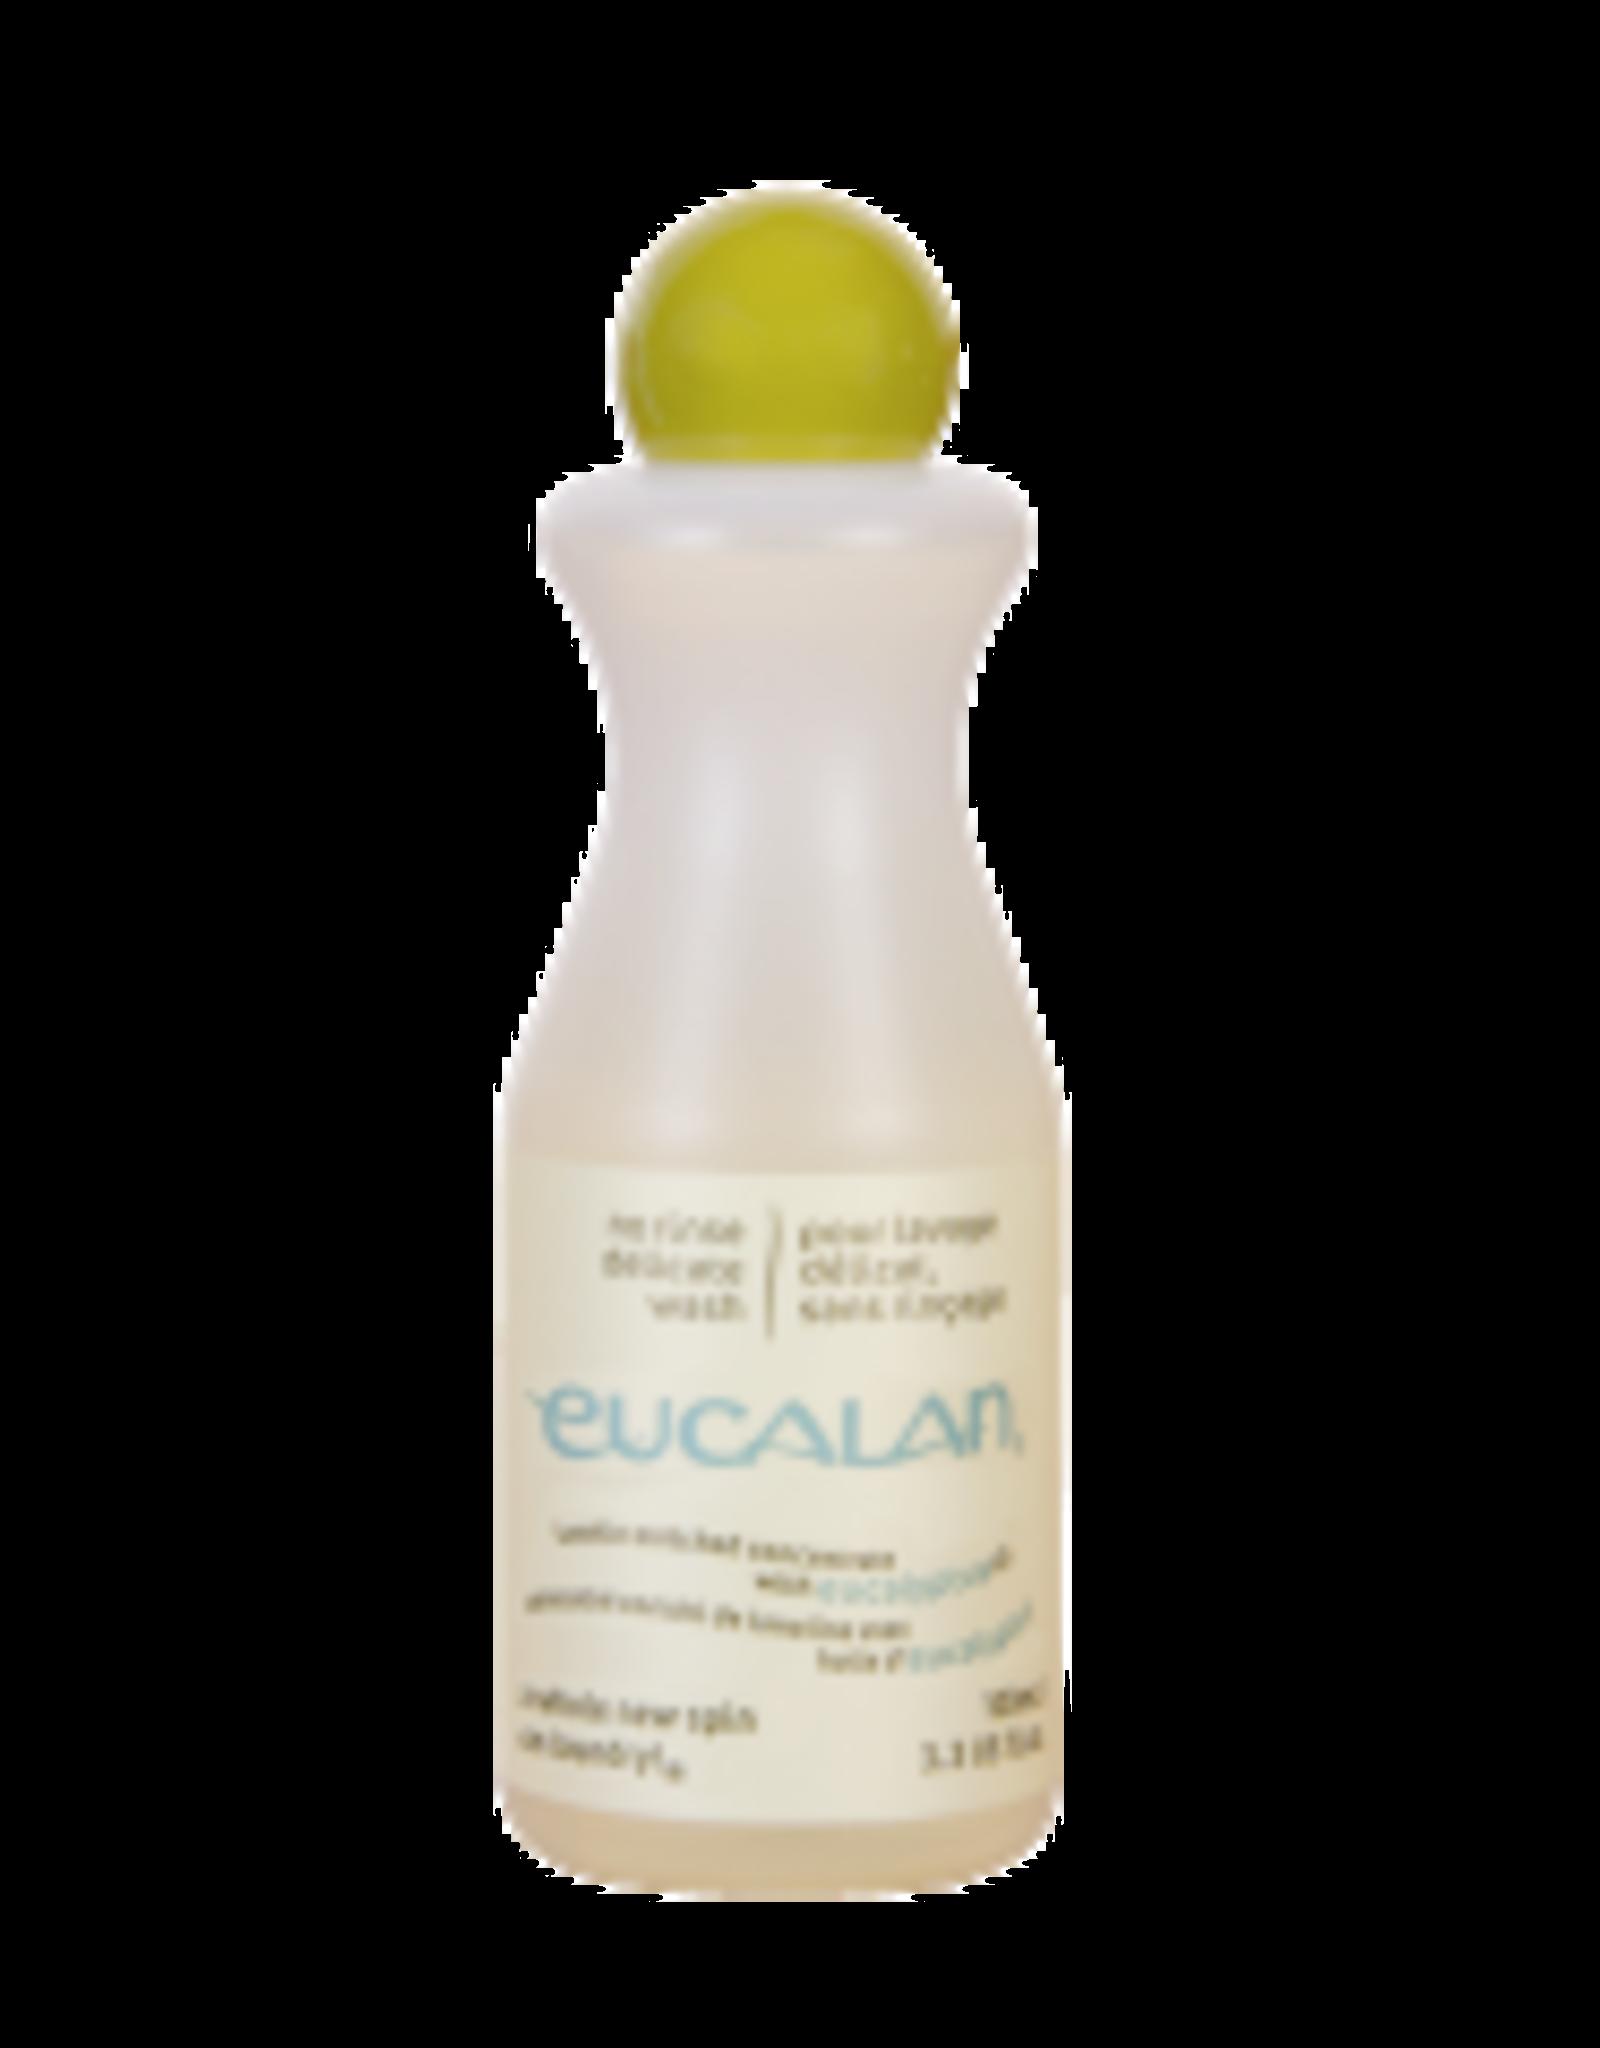 Eucalan Wool Wash Sample Bottle